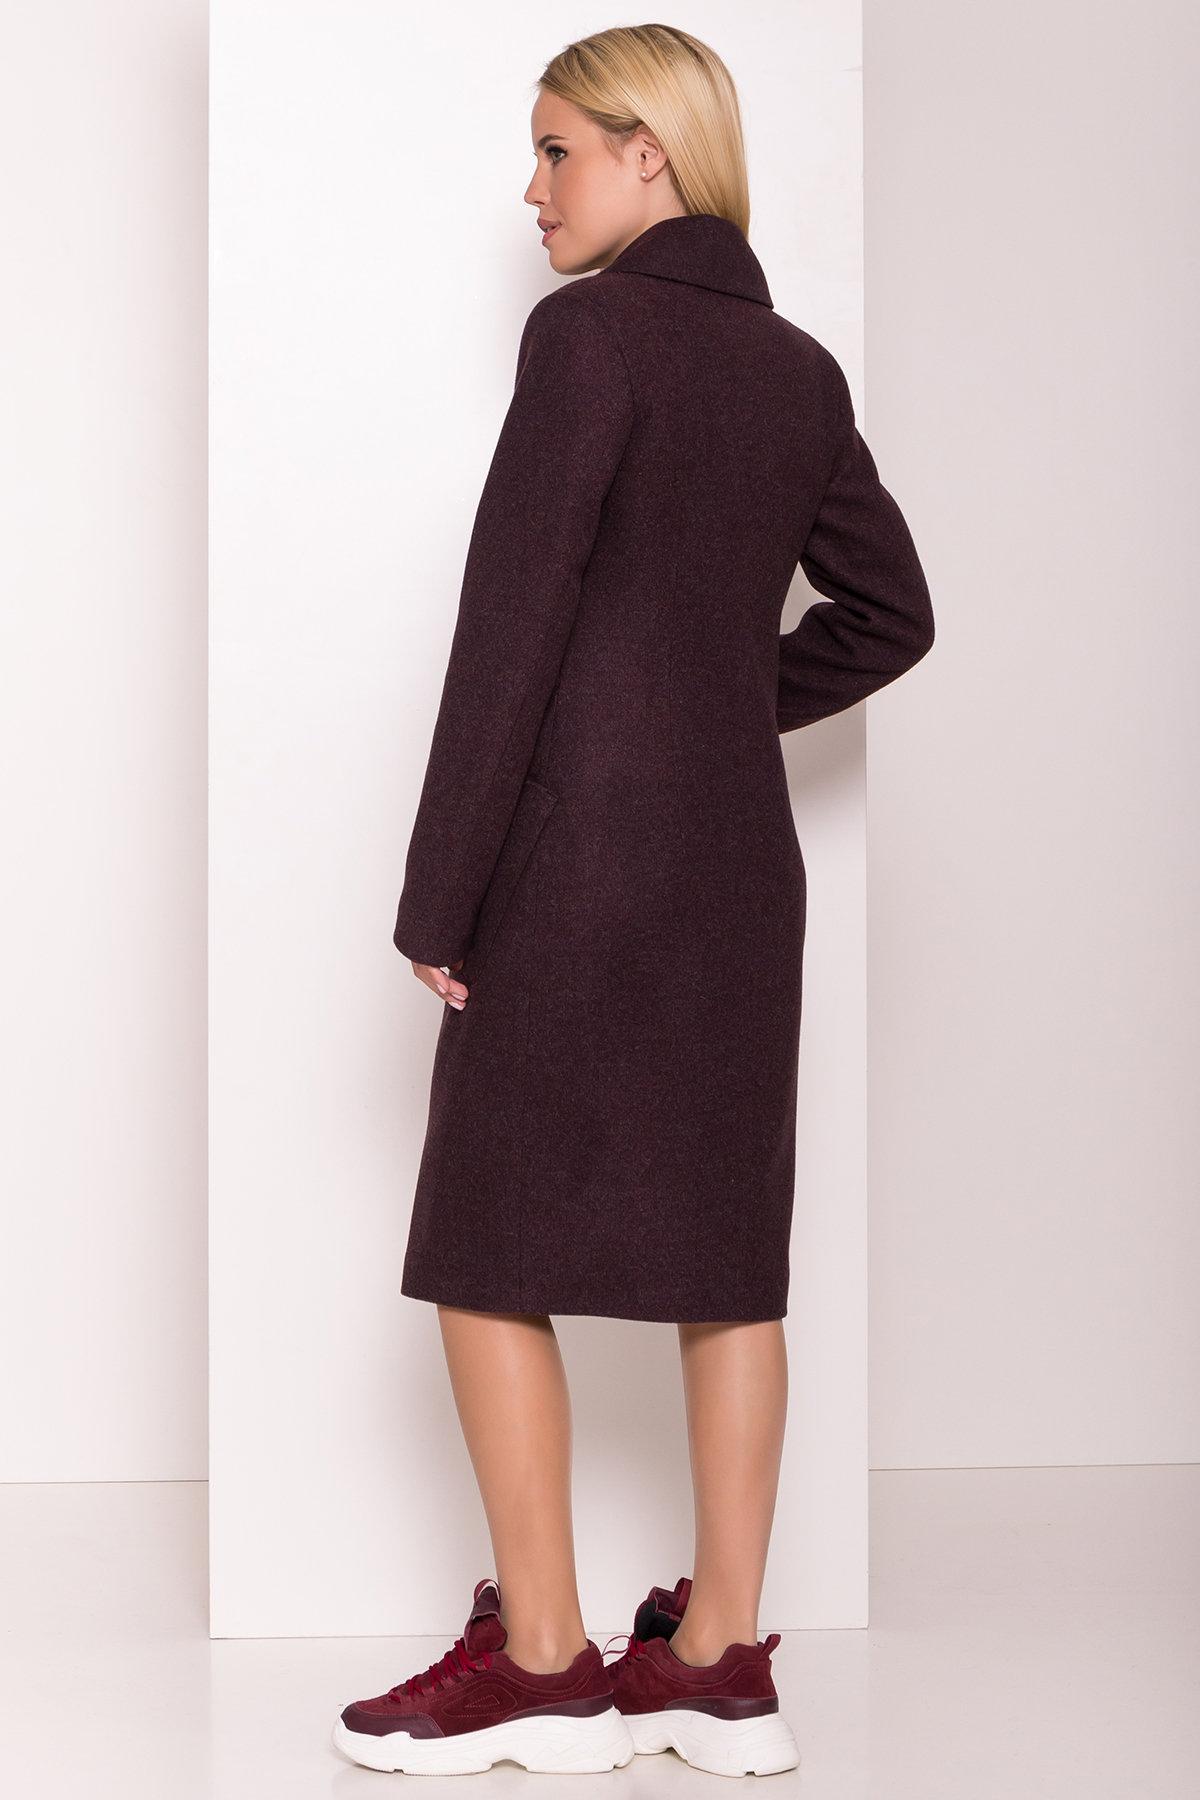 Классическое пальто Габриэлла 7872 АРТ. 43798 Цвет: Марсала 5 - фото 4, интернет магазин tm-modus.ru